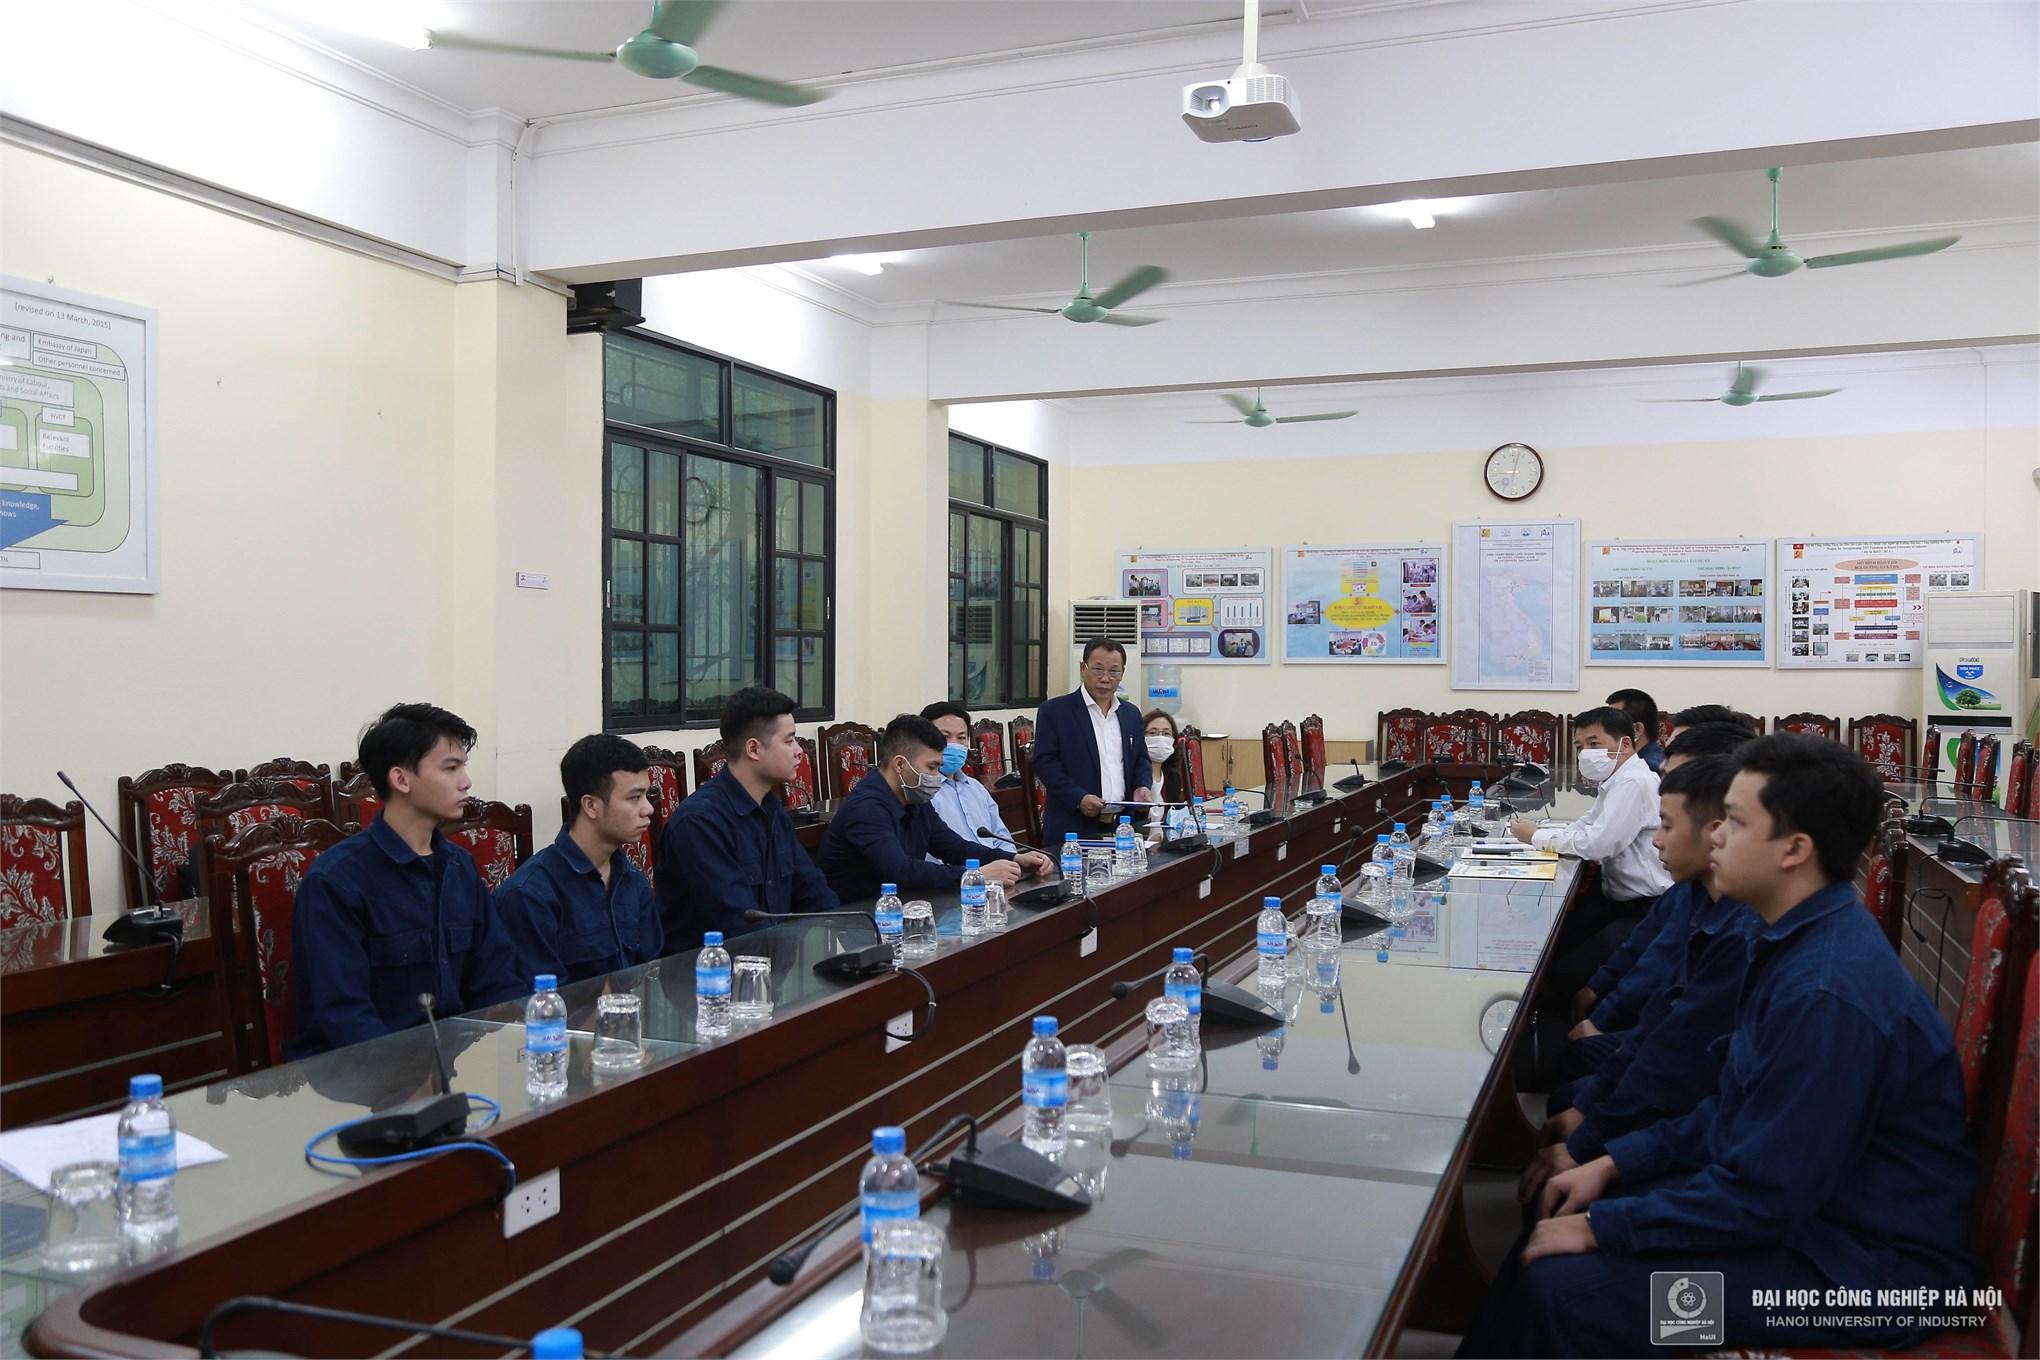 Khai giảng khóa đào tạo công nghệ hàn nâng cao theo tiêu chuẩn Nhật Bản tại Đại học Công nghiệp Hà Nội